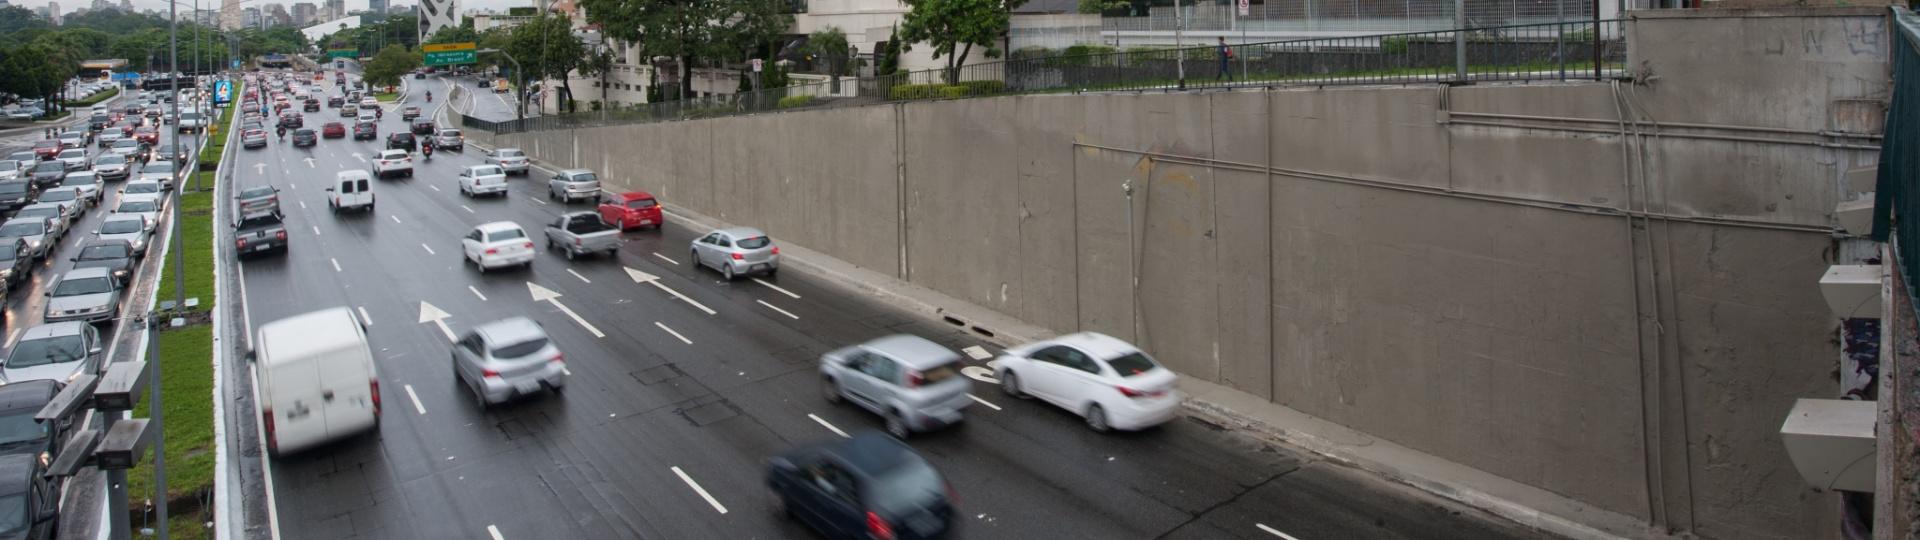 19.jan.2017 - Paredes da avenida 23 de Maio, na região central de São Paulo. Algumas já estão pintadas dentro do programa